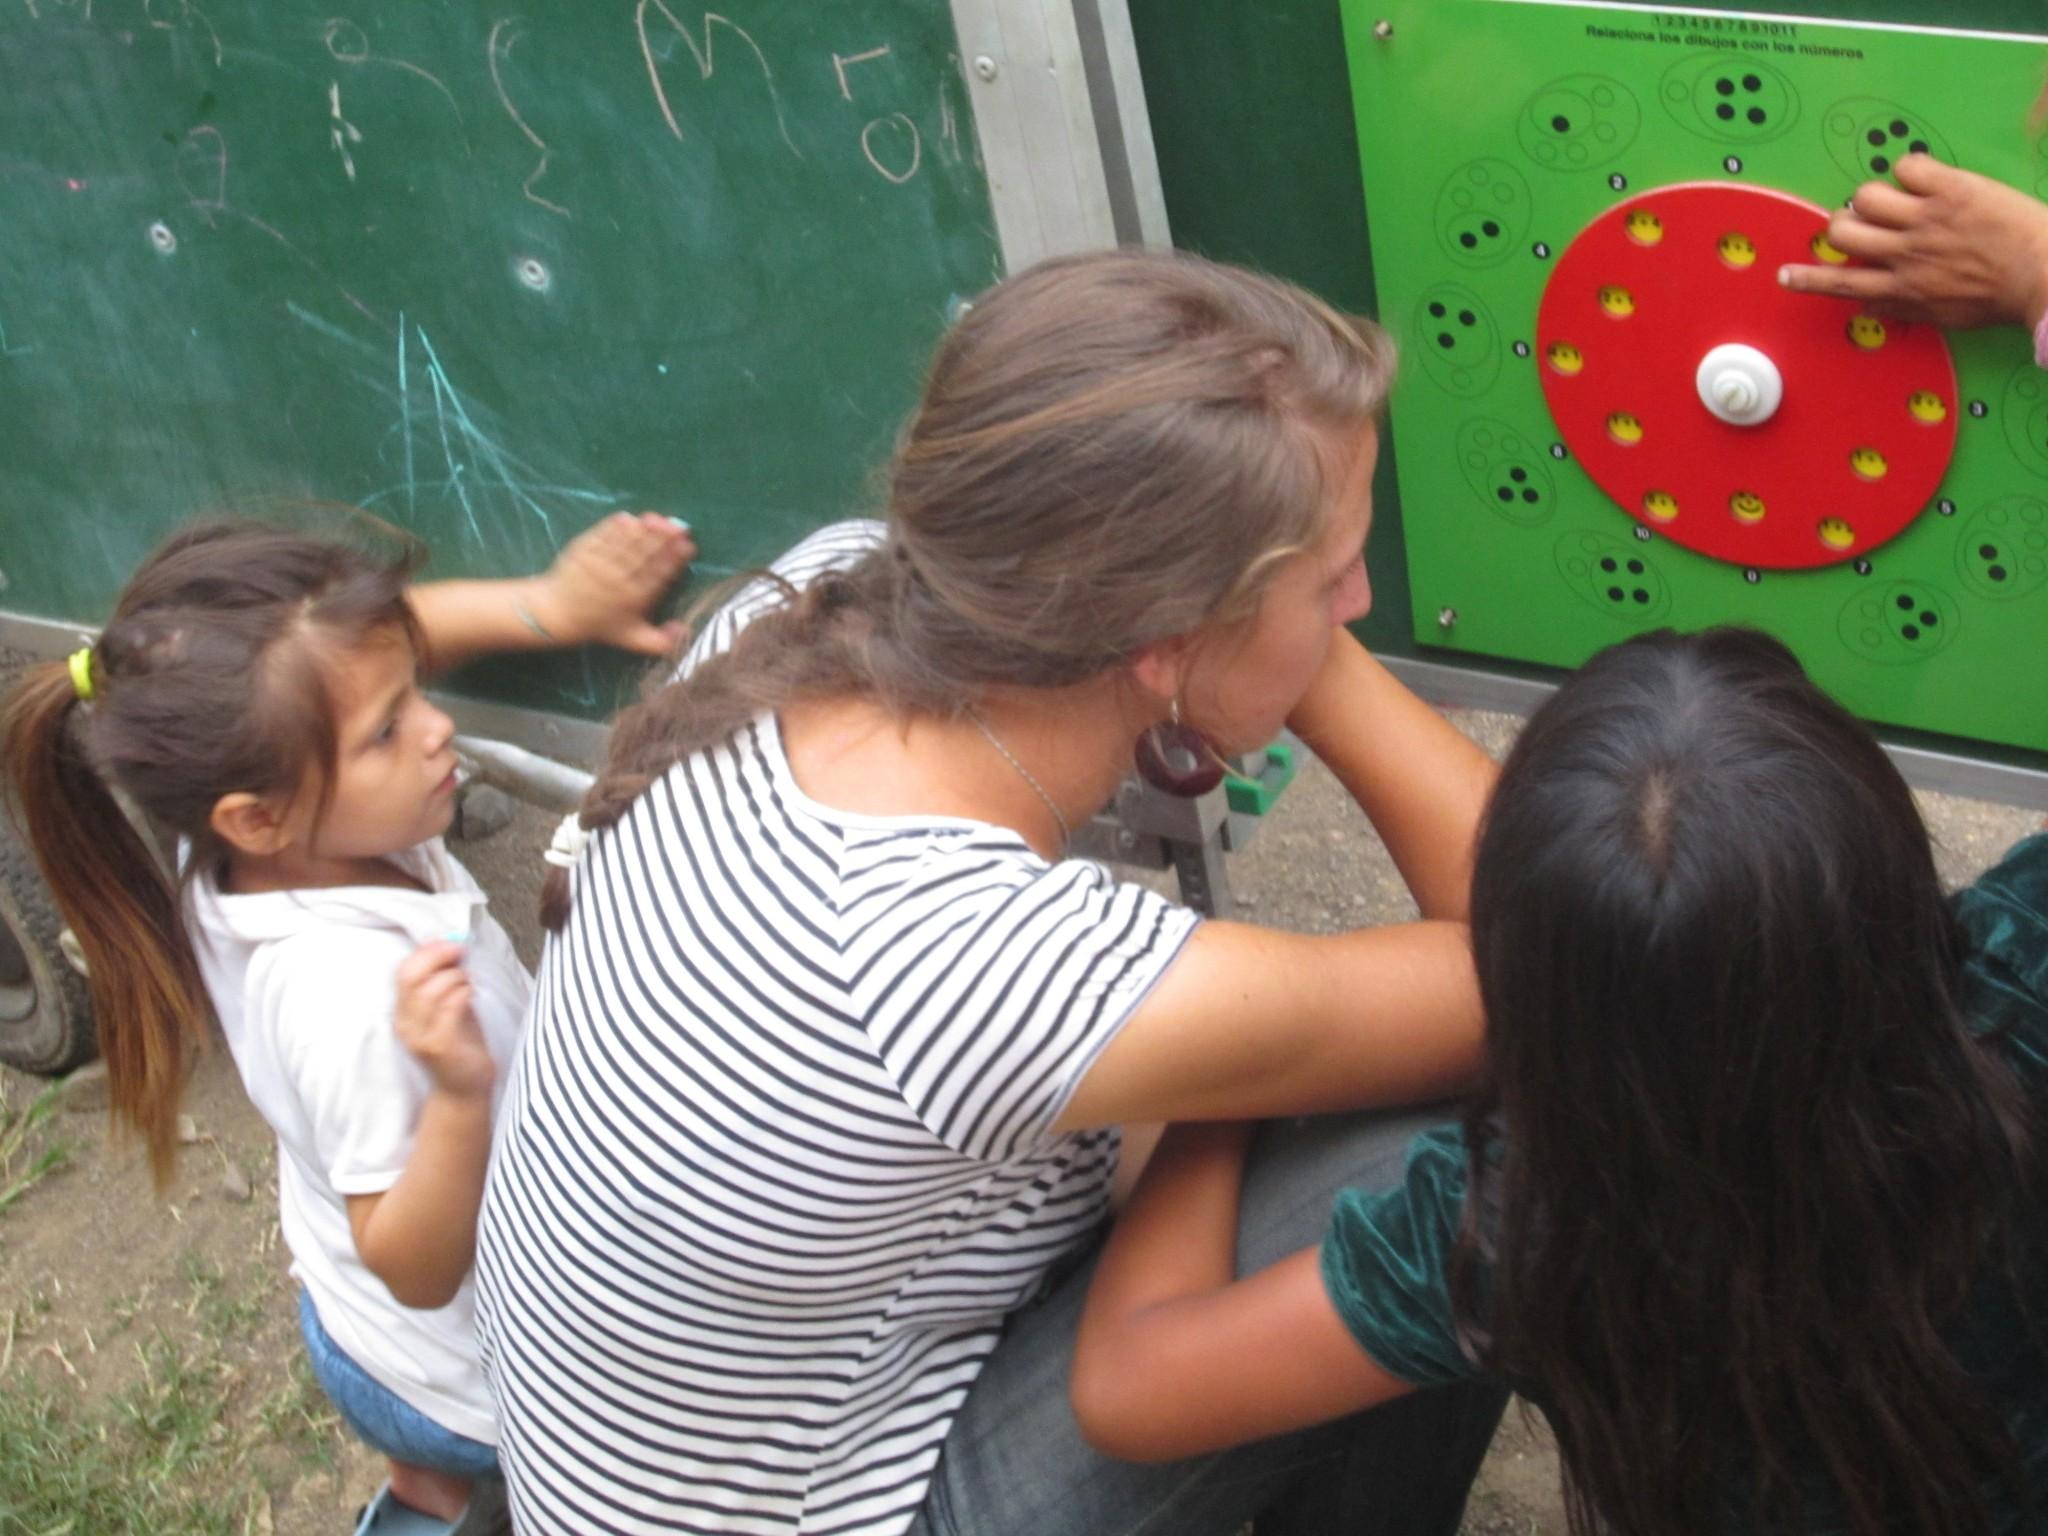 nic_mat_mobile_schule_lara_mit_daniela_beim_spielen_2011